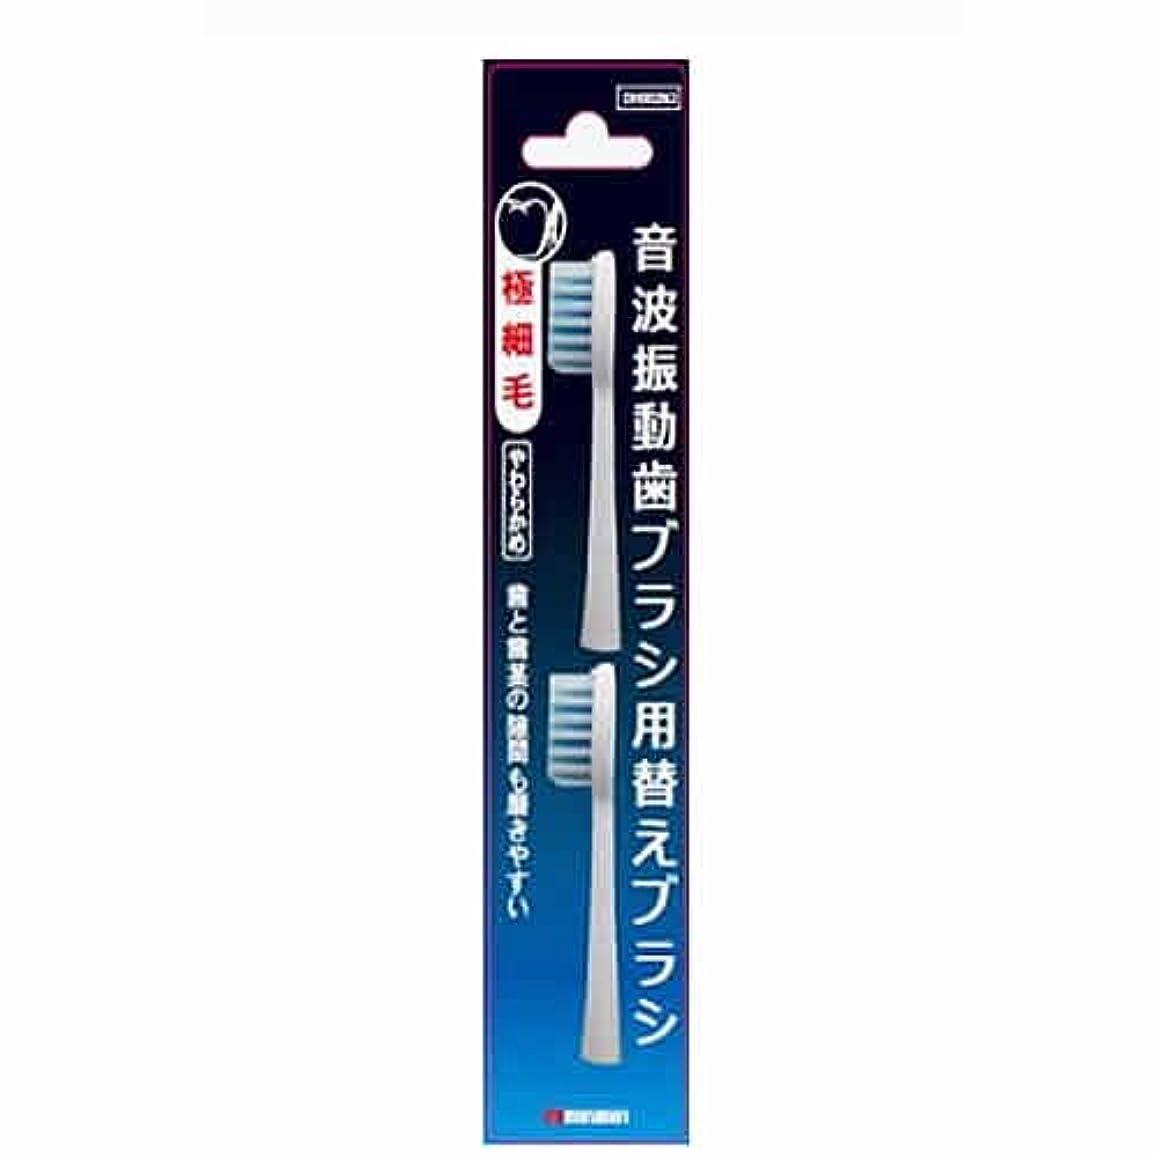 約遅らせる新年マルマン 電動歯ブラシ ミニモ/プロソニック1/プロソニック2/プロソニック3 対応 替えブラシ 極細毛 DK002N2 2本組